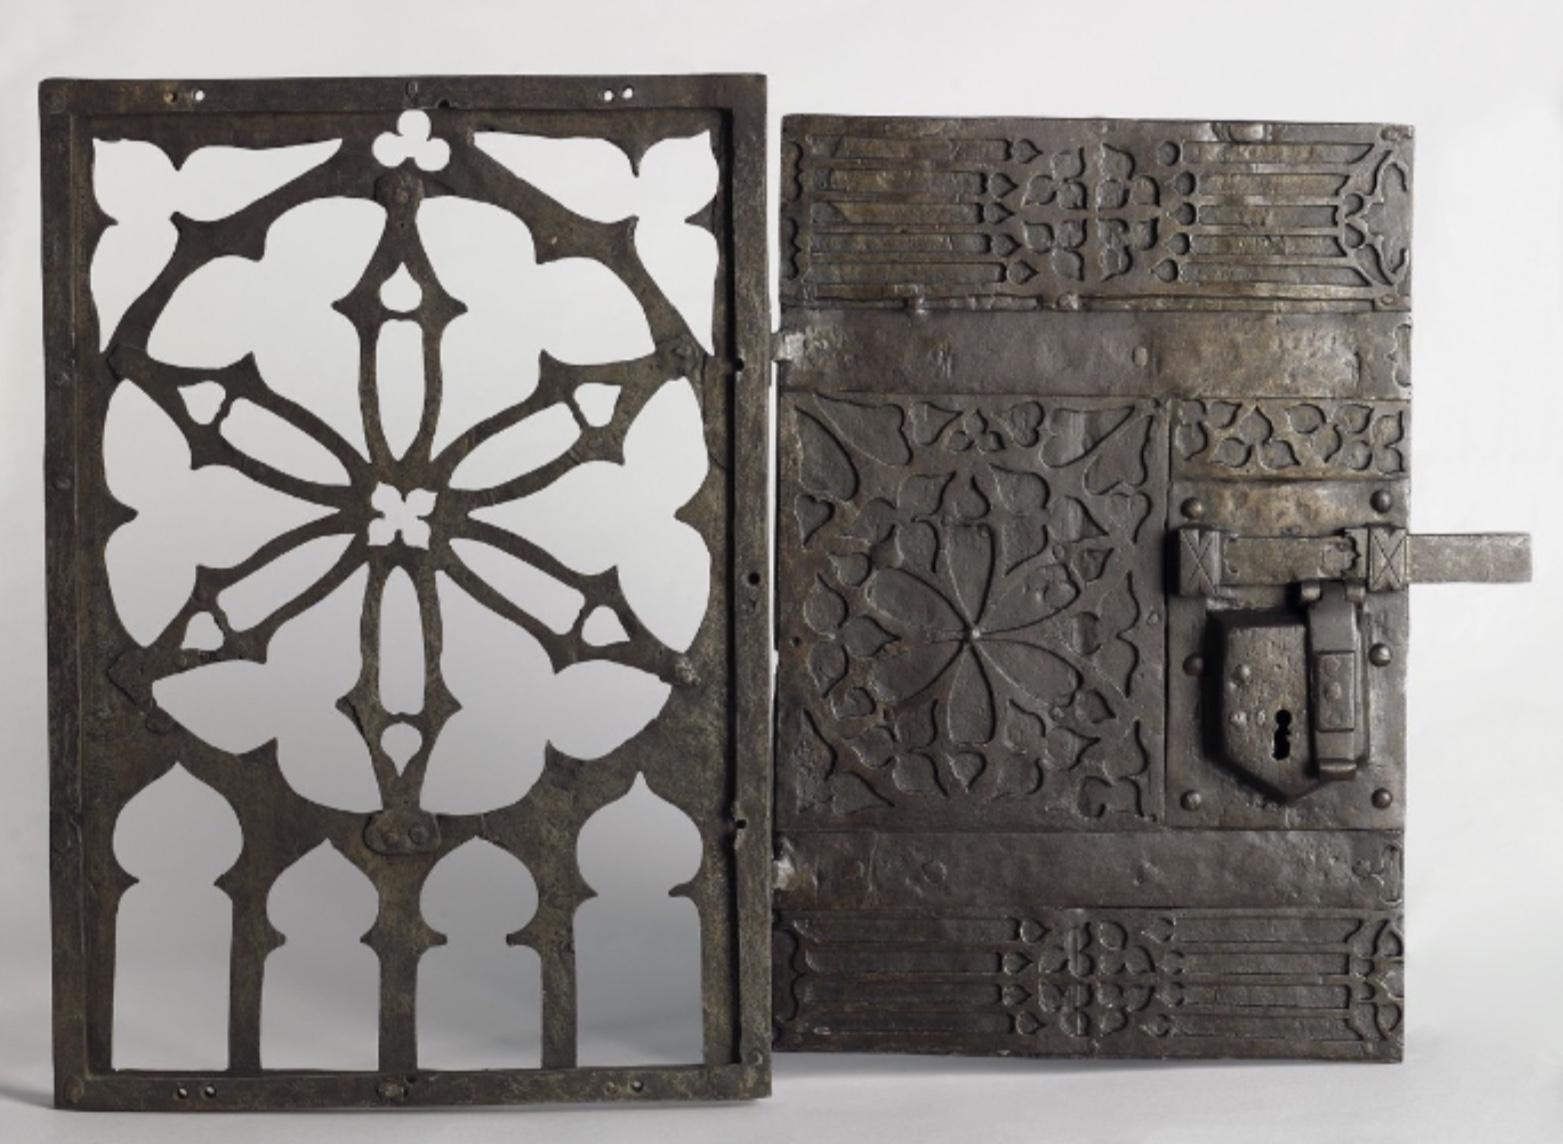 Grille de tabernacle du XVe siècle